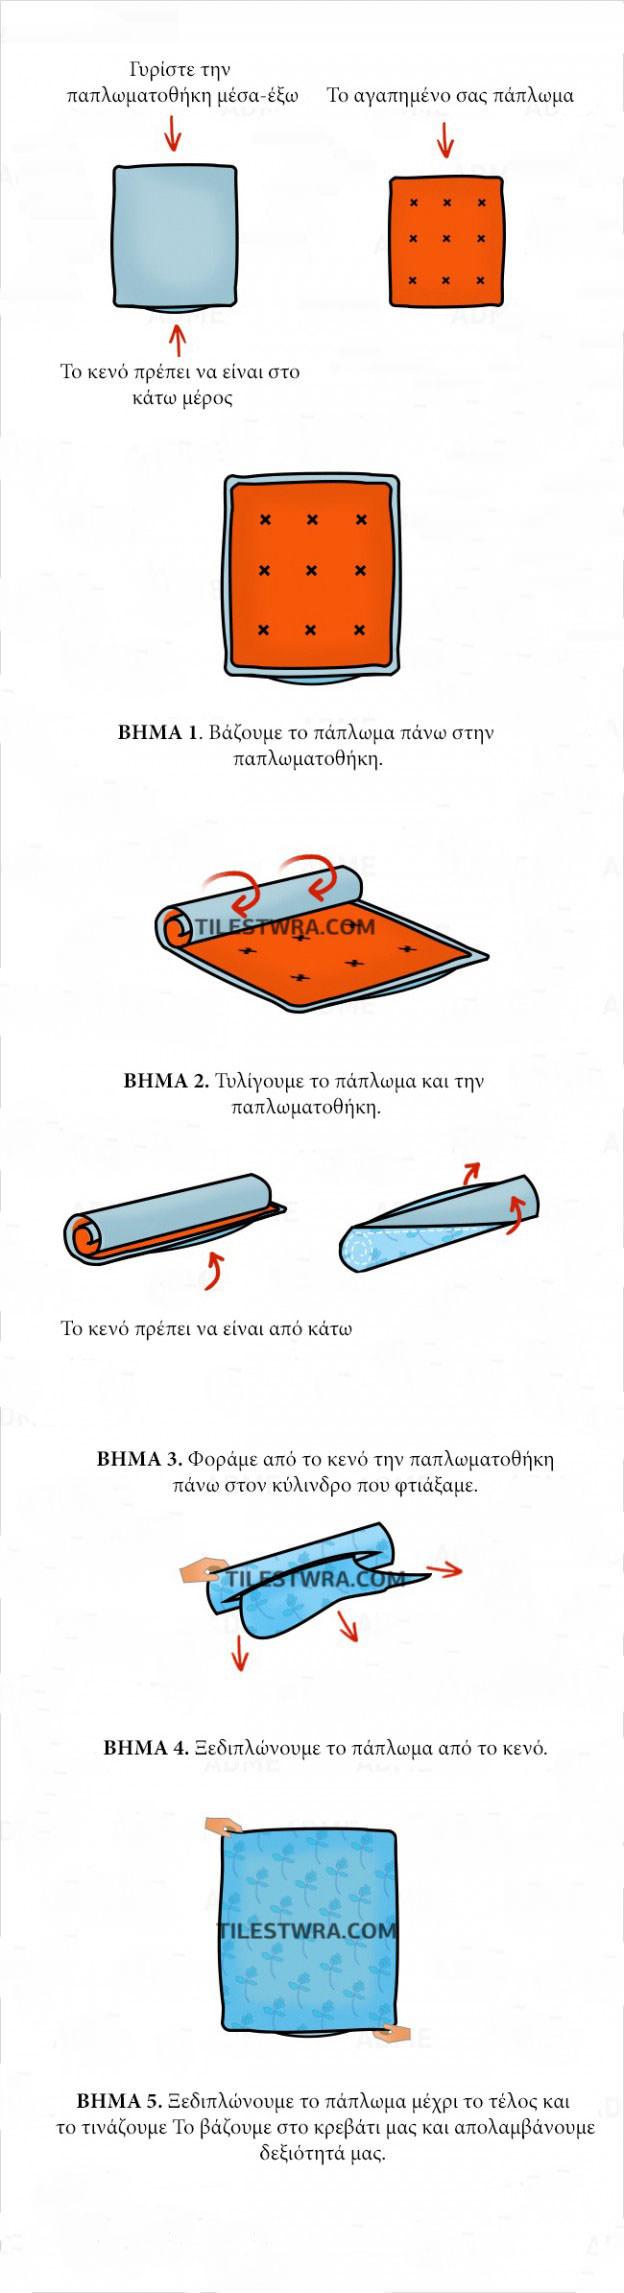 Ο ευκολότερος τρόπος για να βάλετε την παπλωματοθήκη σας. Διαβάστε όλο το άρθρο: http://www.tilestwra.com/o-efkoloteros-tropos-gia-na-valete-tin-paplomatothiki-sas/